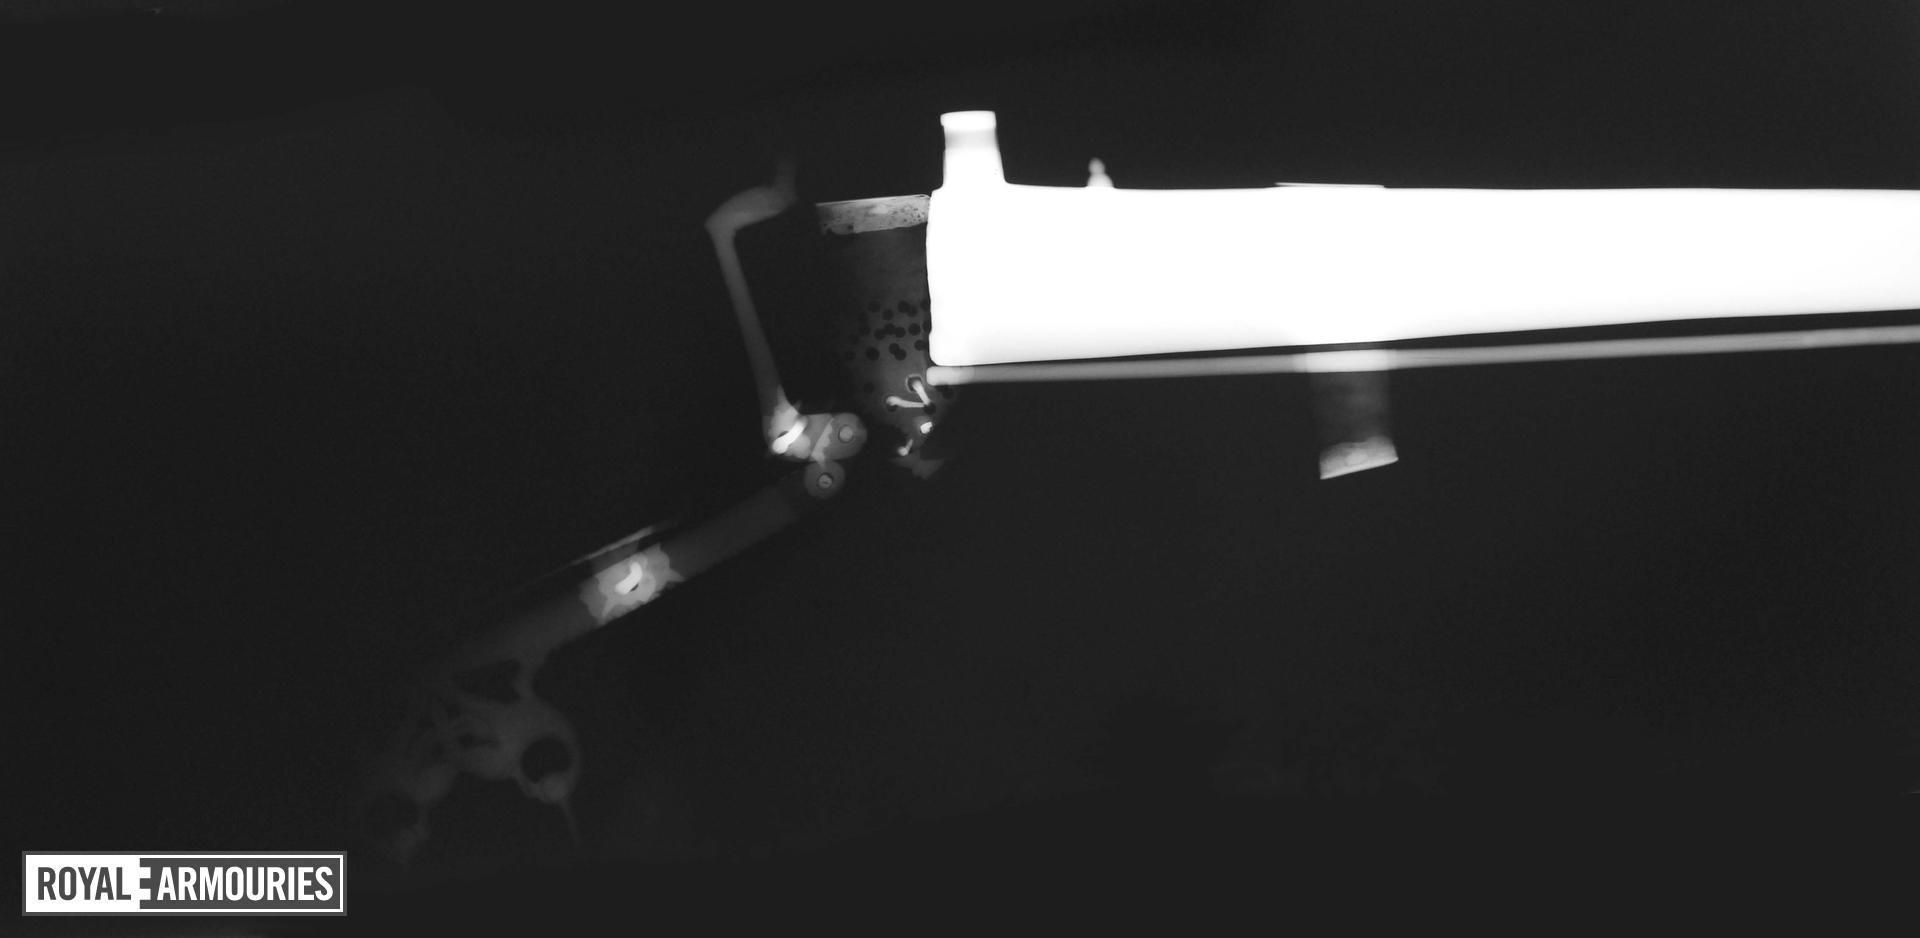 Matchlock musket (toradar)